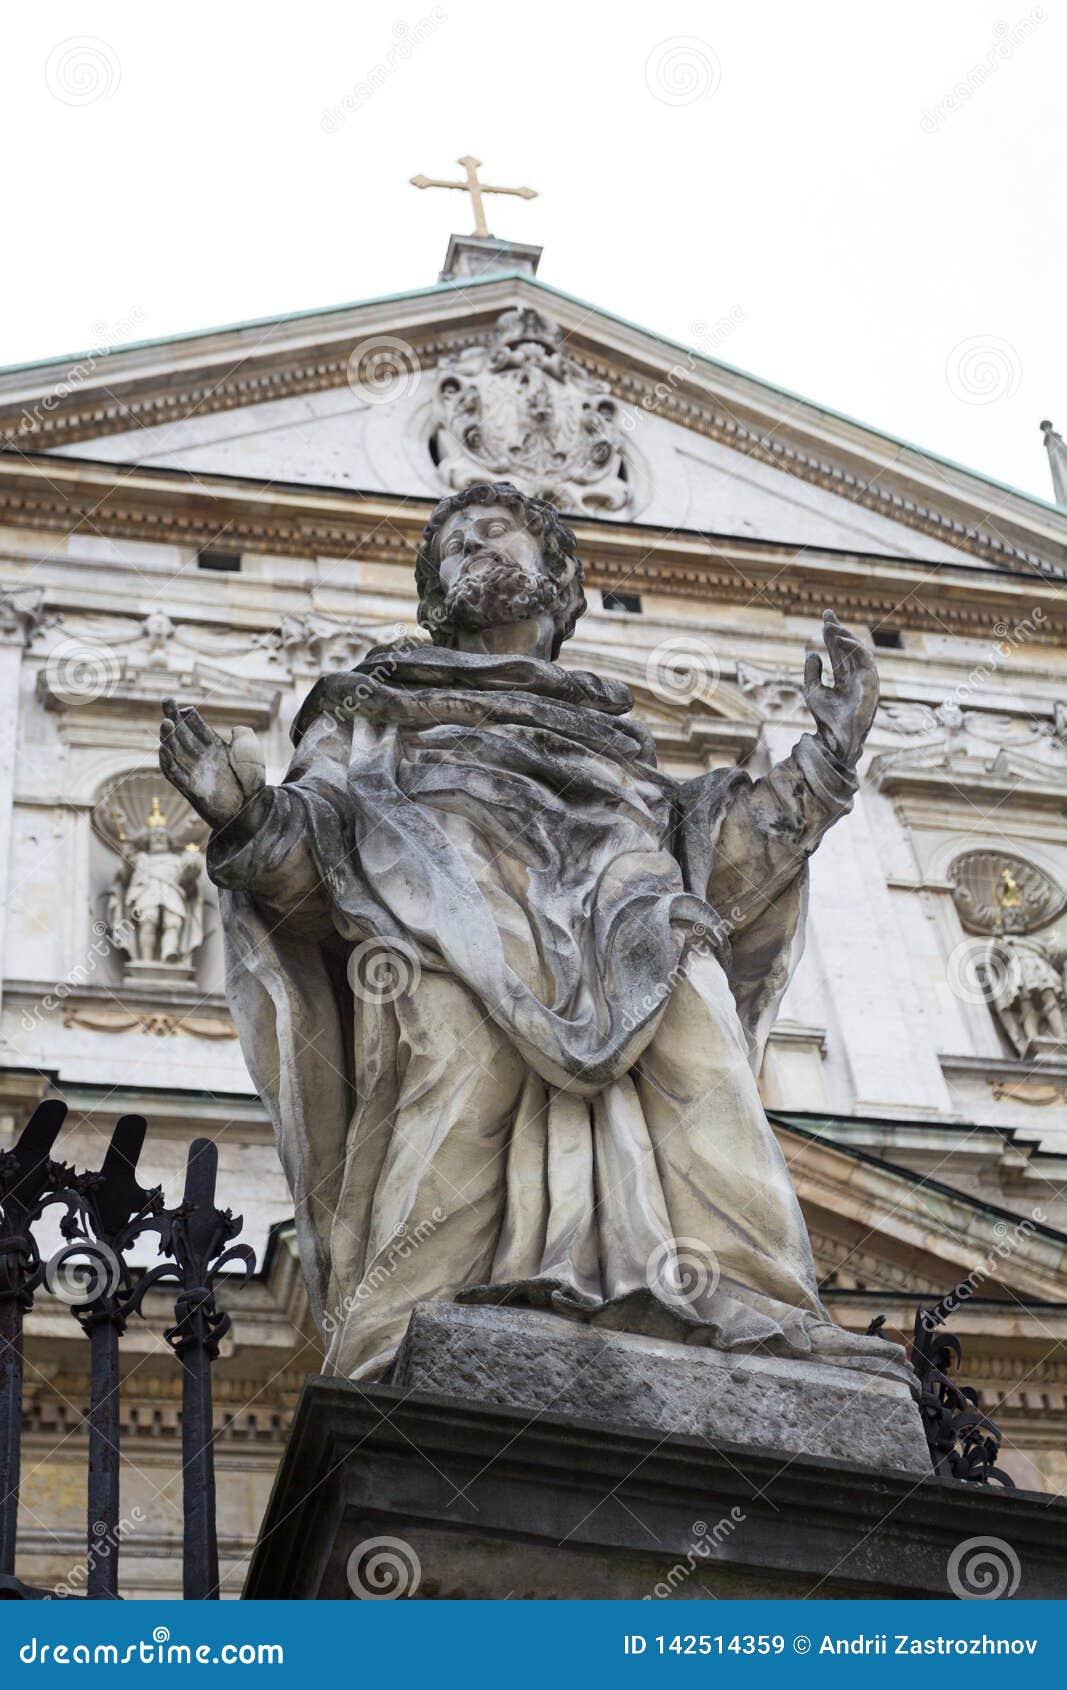 Standbeeld van heilige op de achtergrond van een middeleeuwse kerk met een kruis